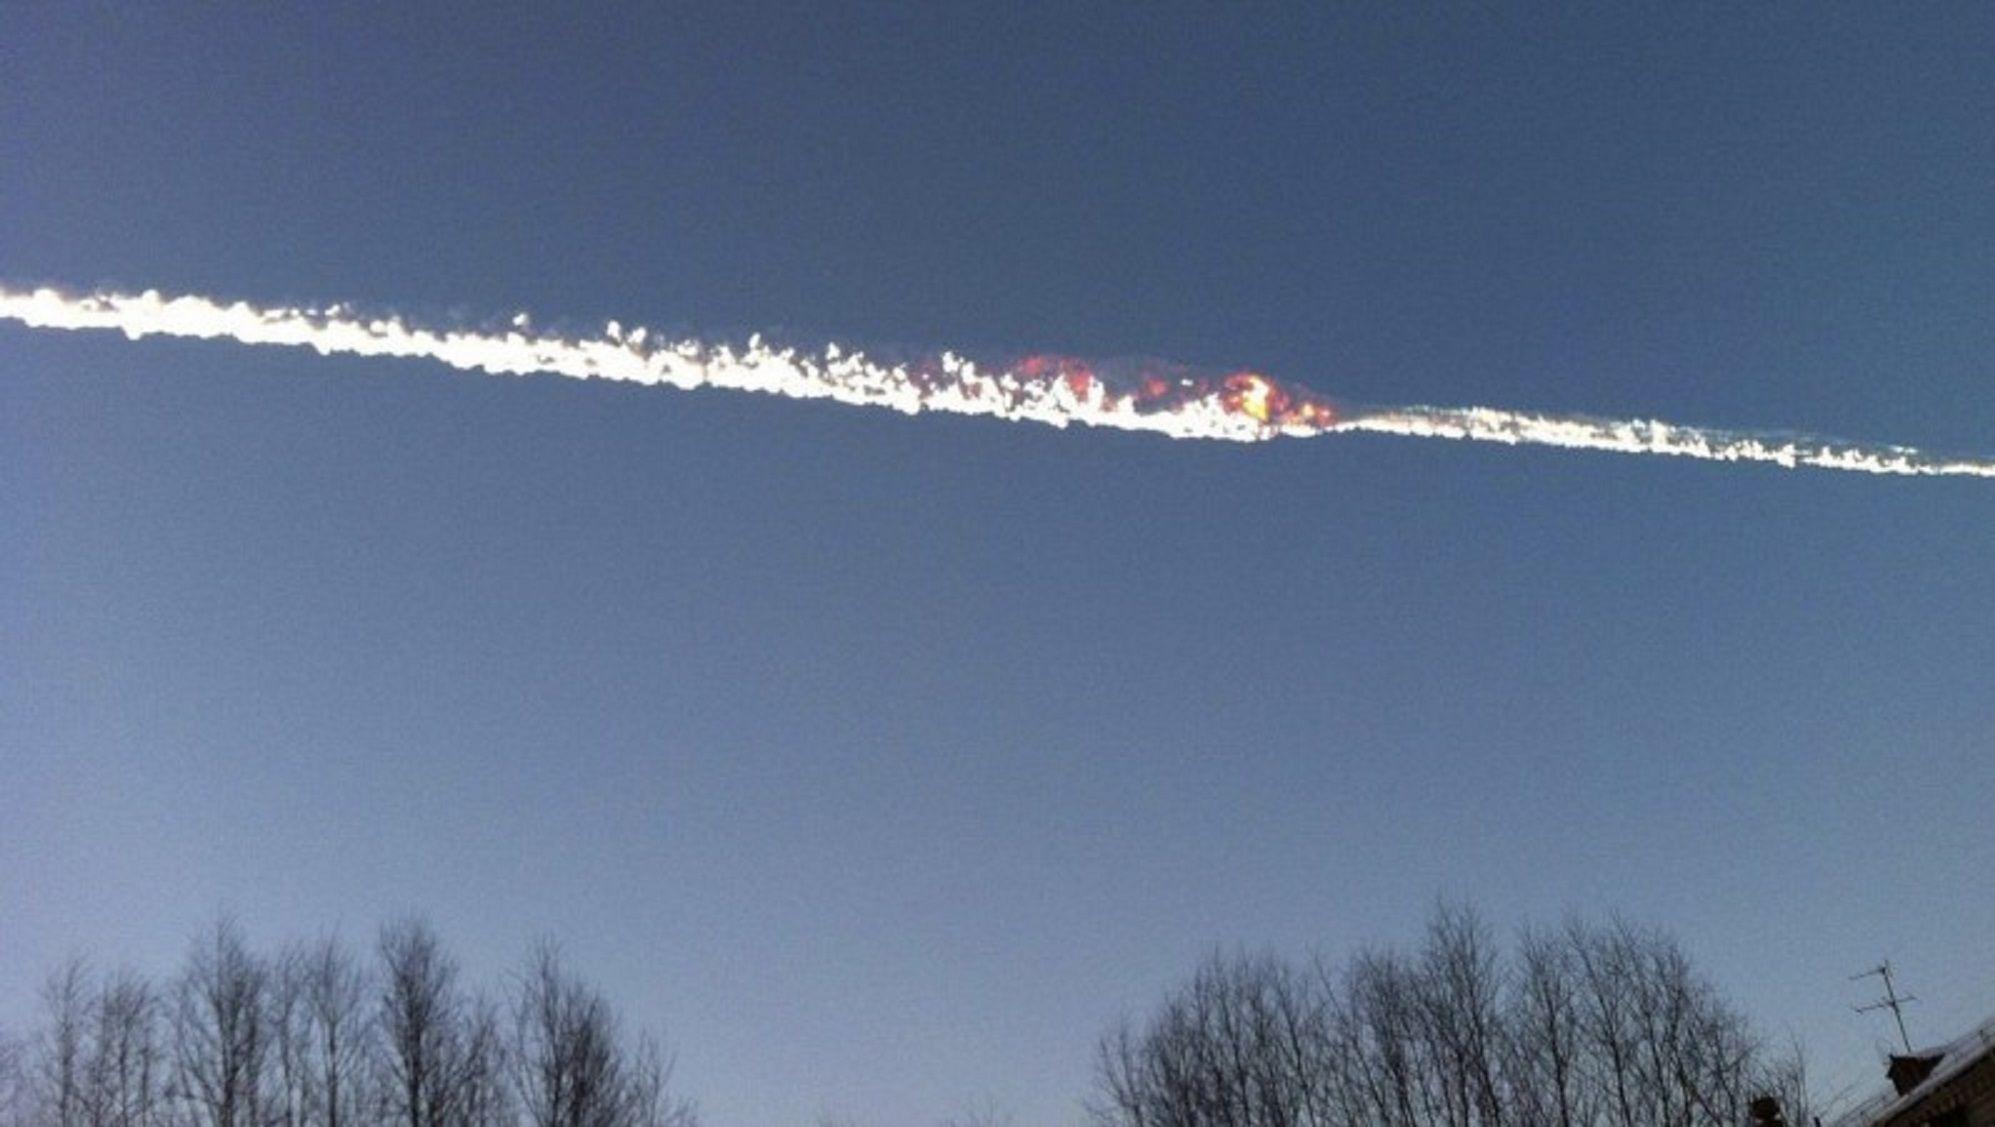 Por primera vez un meteorito habría causado la muerte de un humano